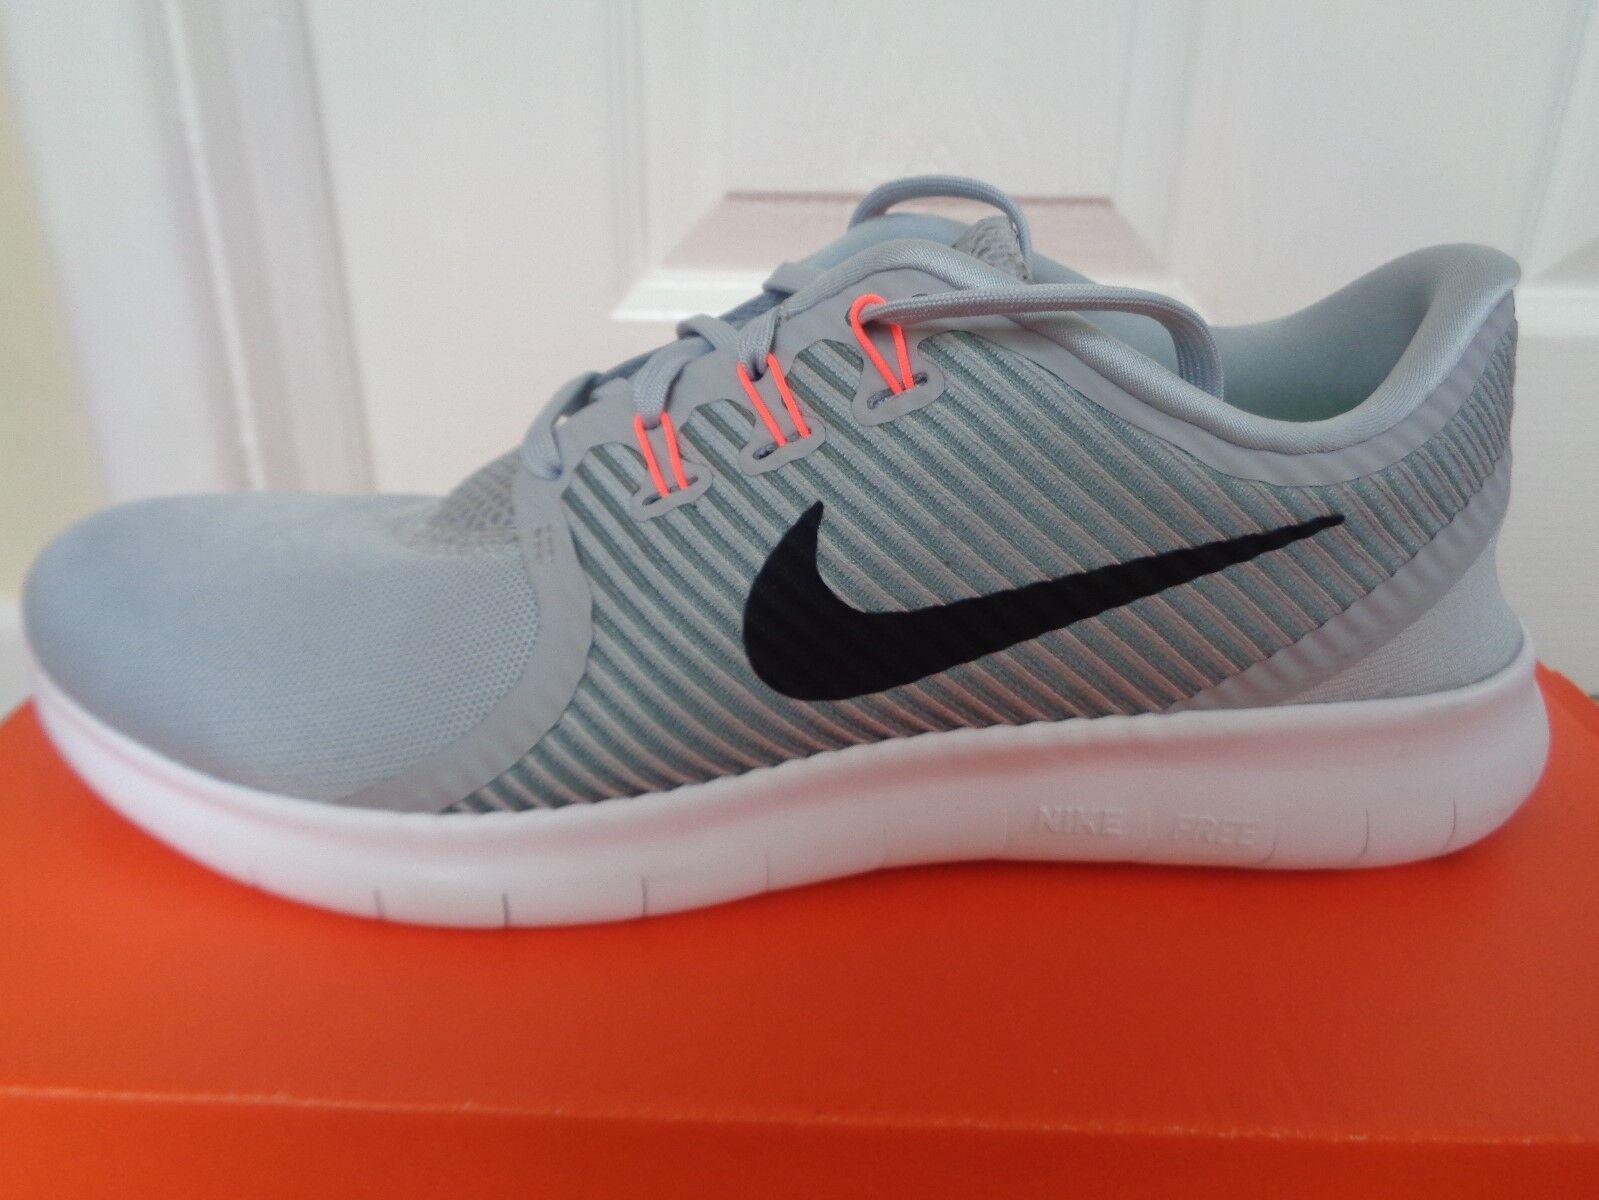 Nike RN CMTR Zapatillas para hombre tenis Free 831510 002 UK 7.5 EU 42 nos 8.5 Nuevo + Caja